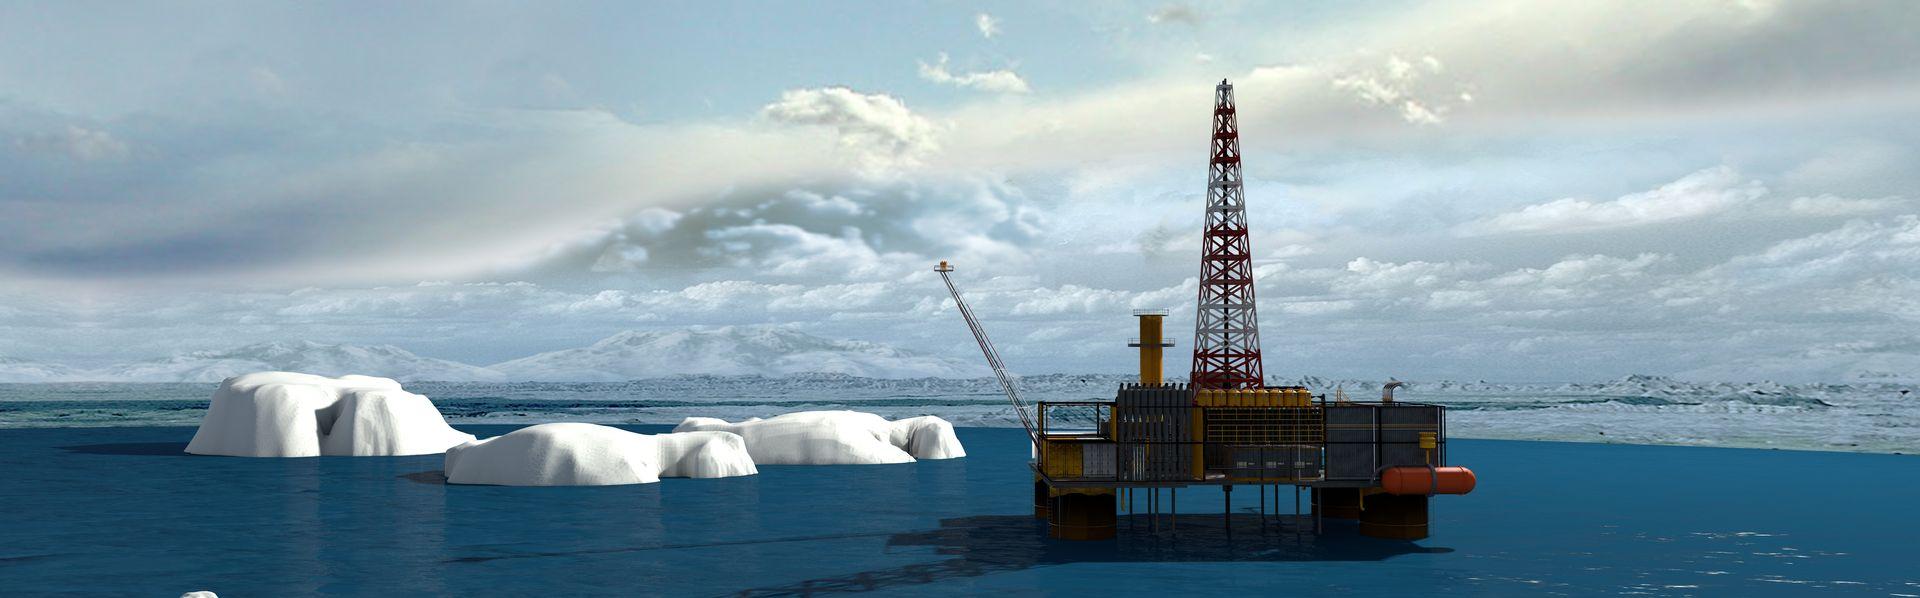 Plateforme pétrolière dans le Grand Nord. [Deposit Photos]